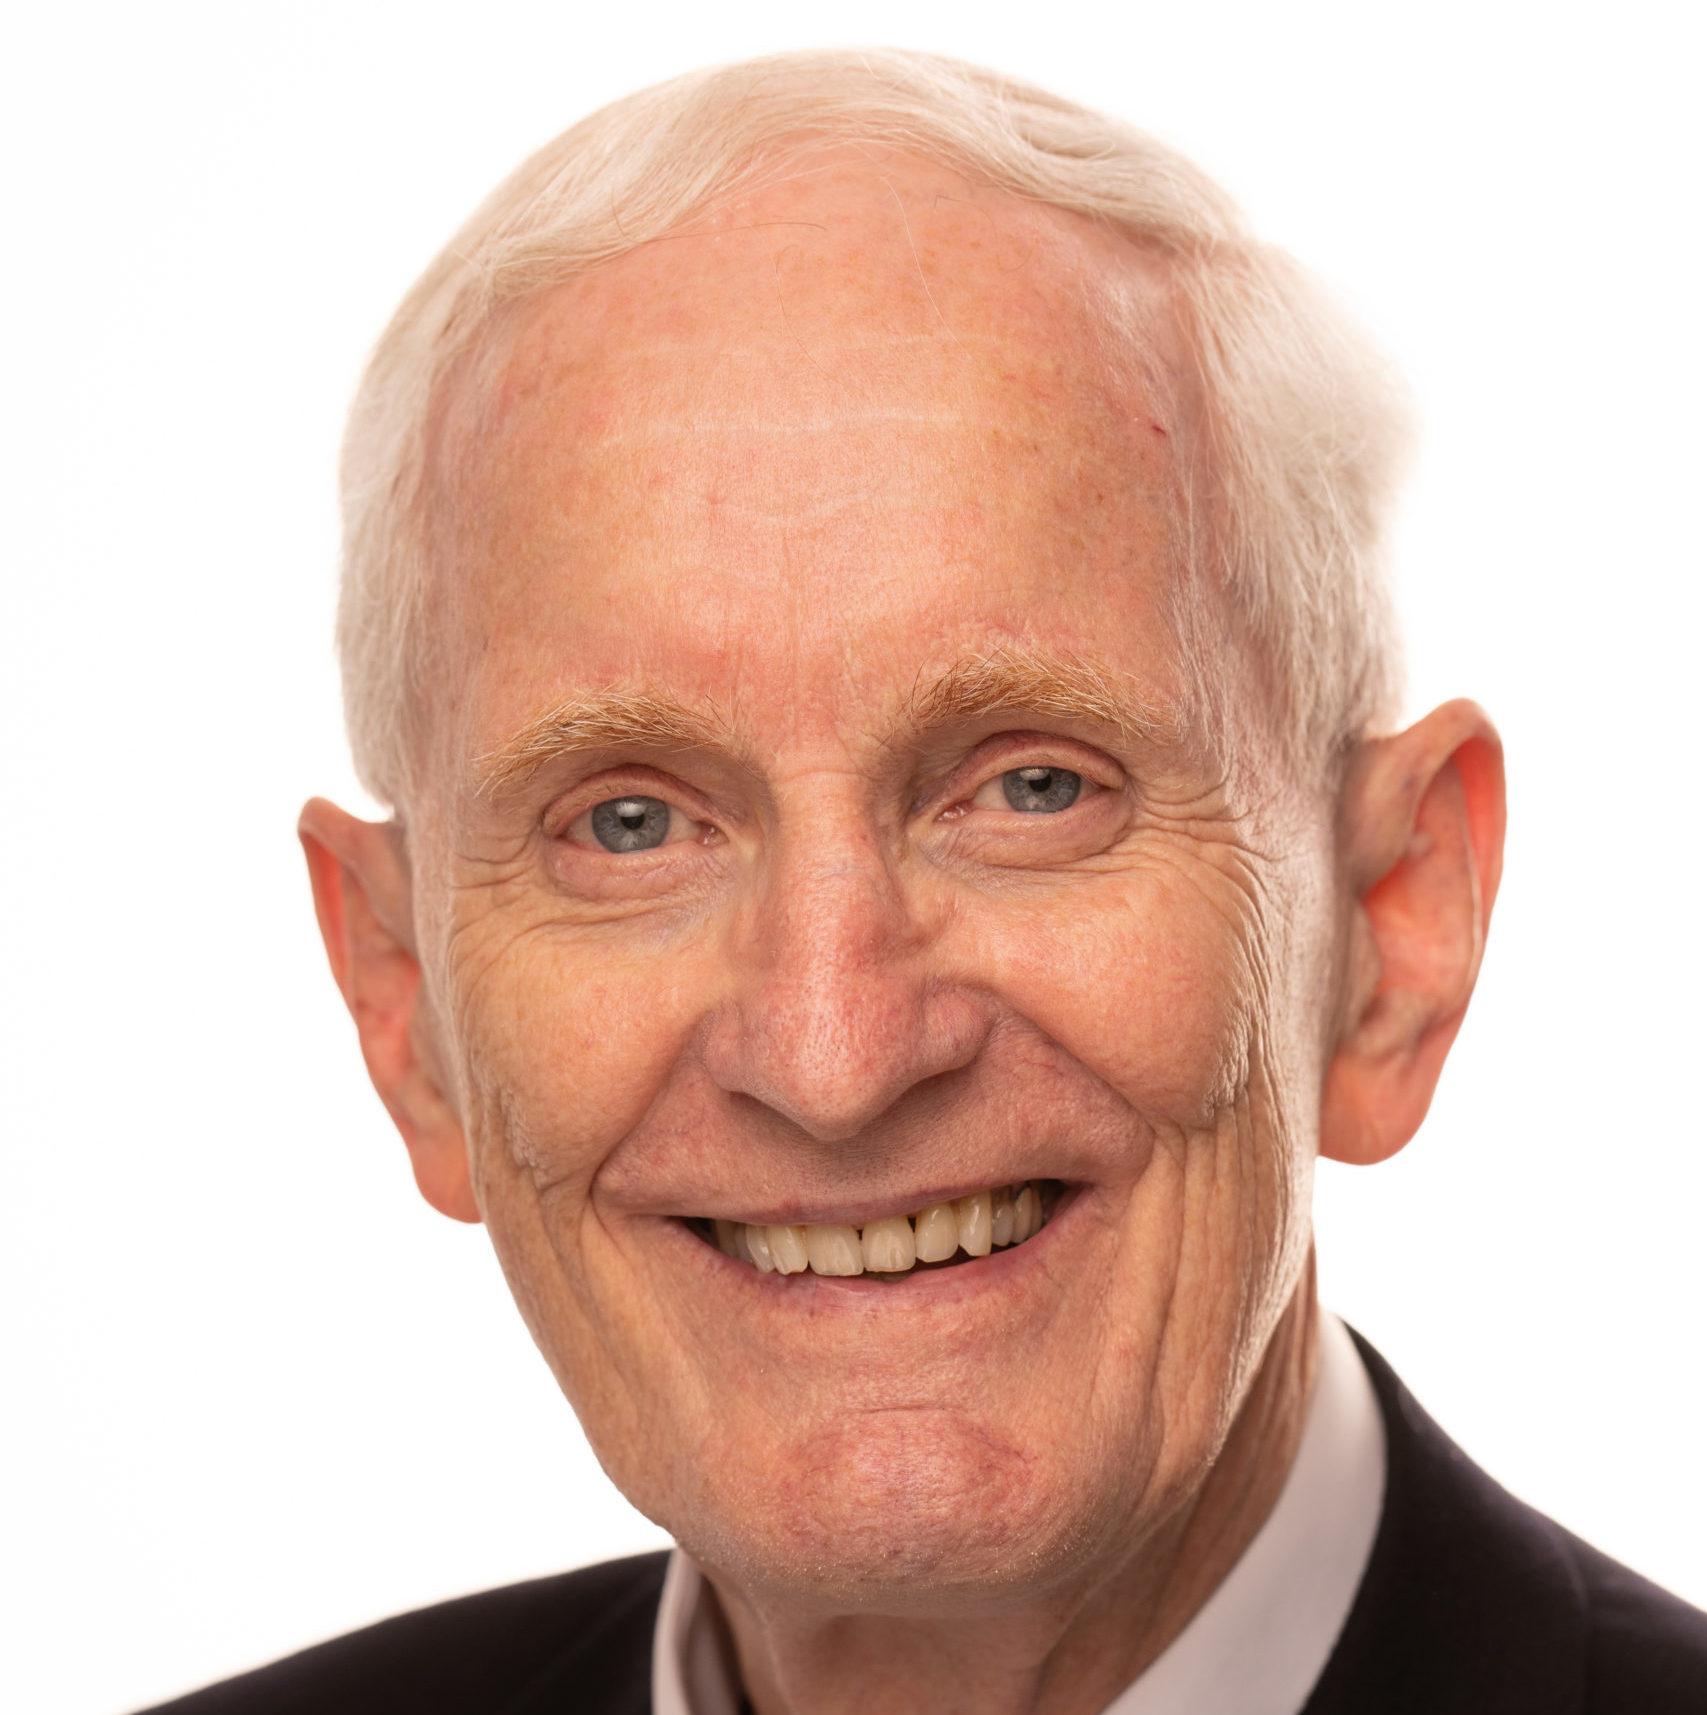 Dr David V. Sheehan, M.D., M.B.A.